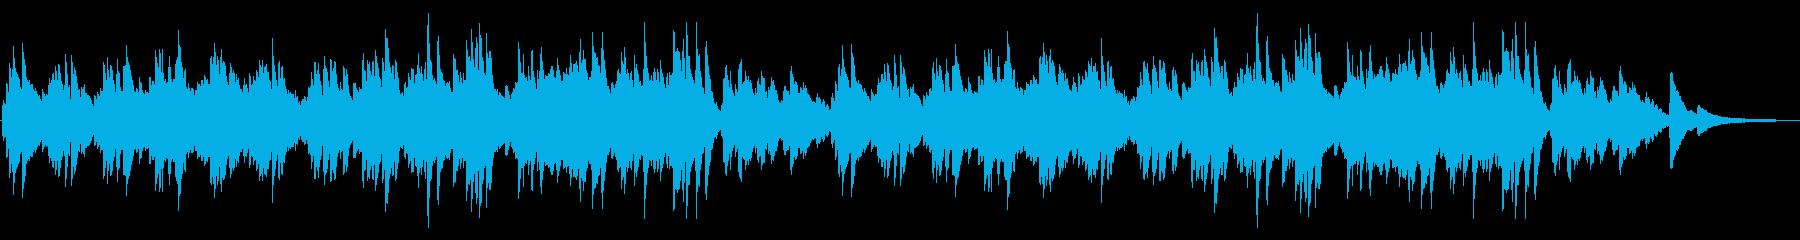 春っぽい前向きなピアノ曲の再生済みの波形